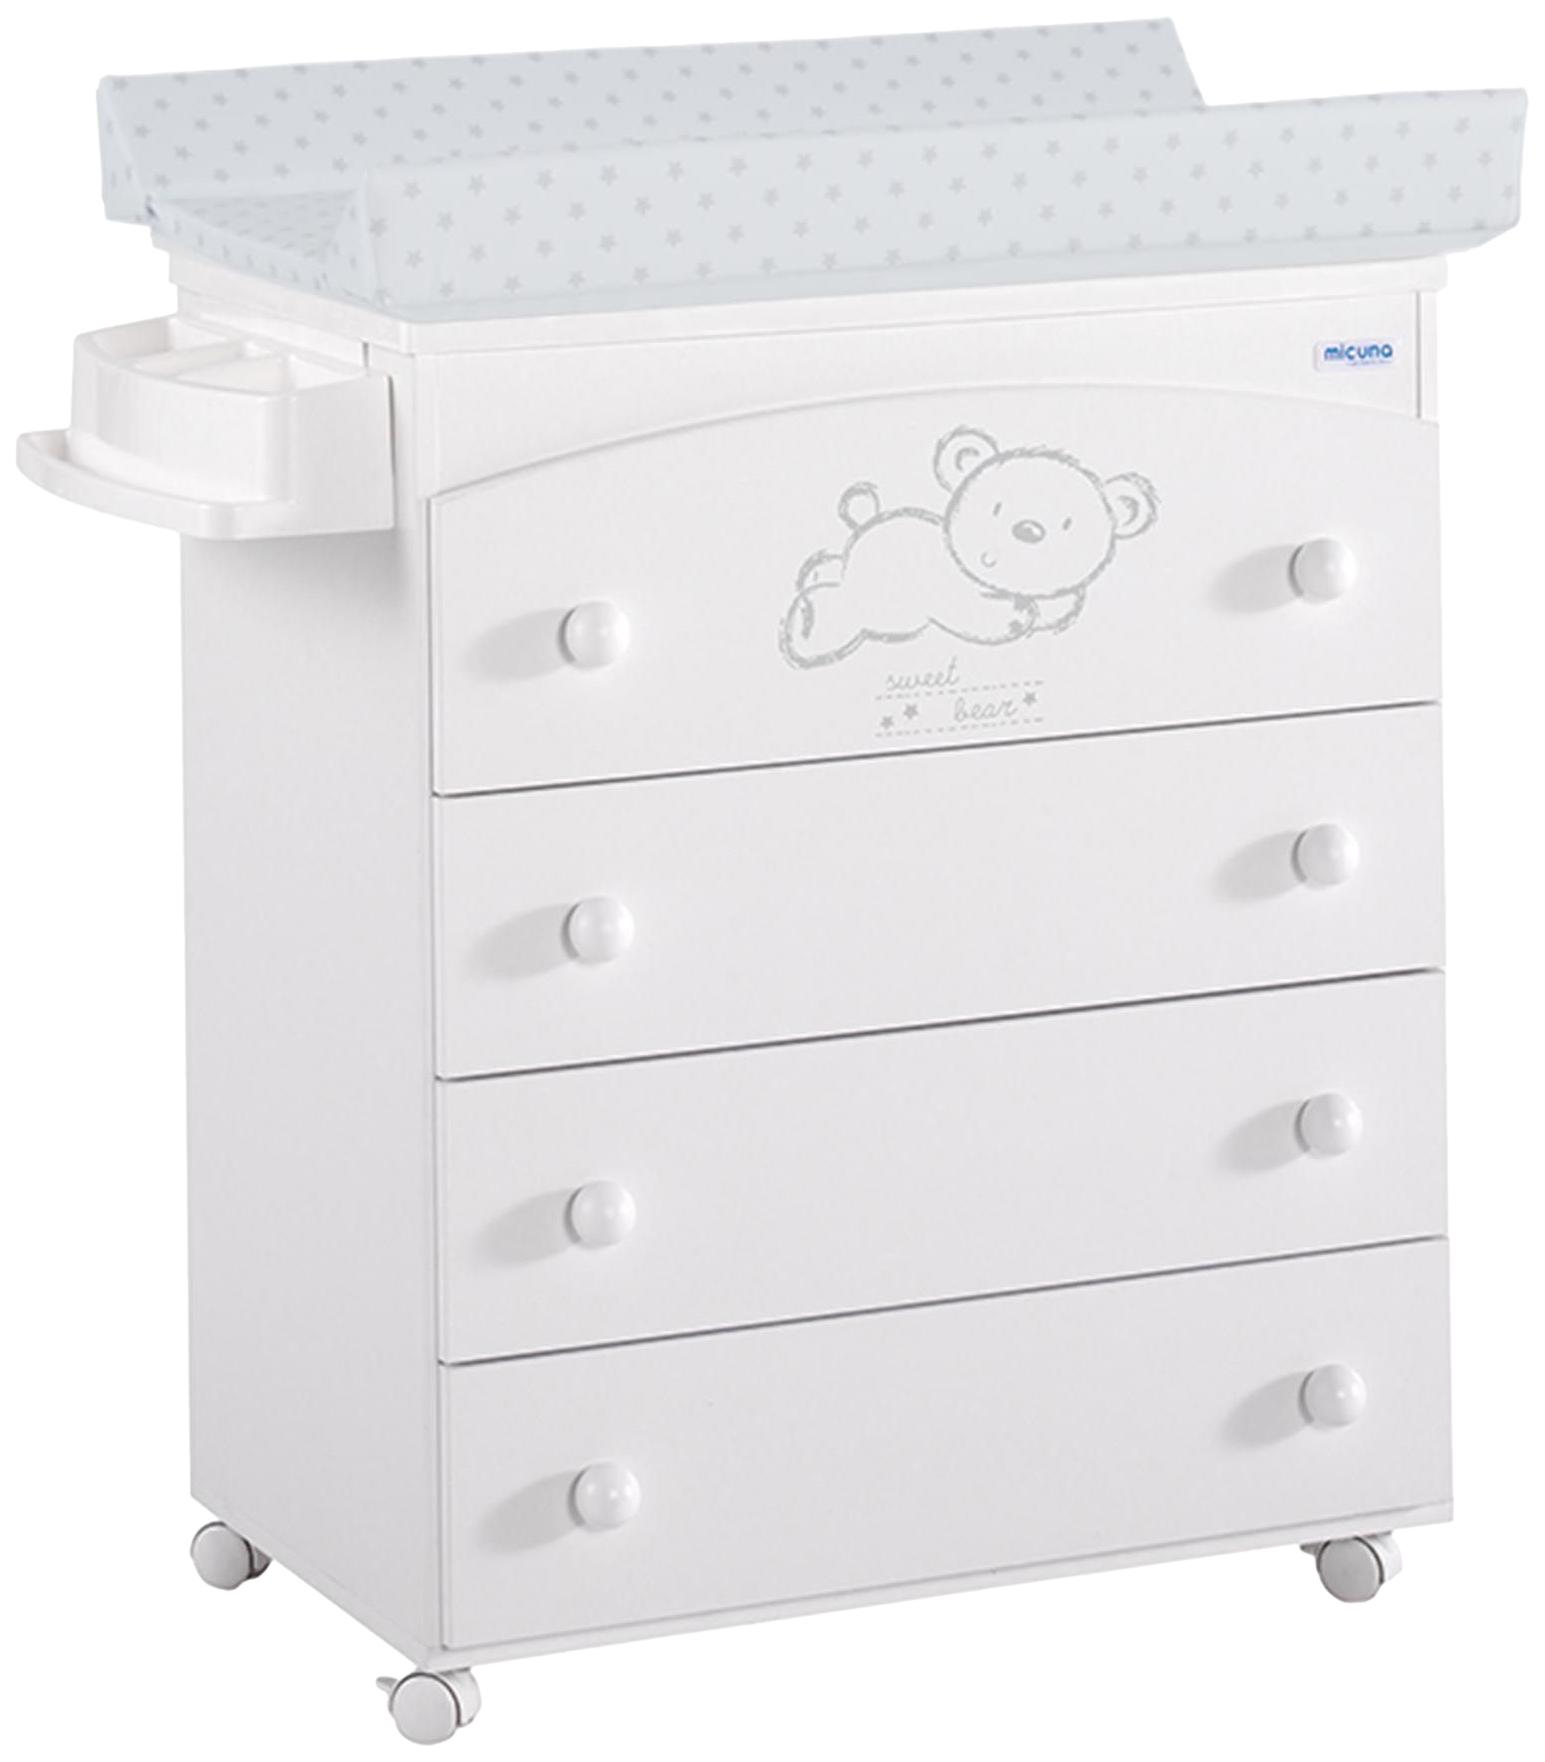 Купить Комод Micuna Sweet Bear (Микуна Свит Бир) пеленальный B-970 white матрасик stars grey, Детские комоды